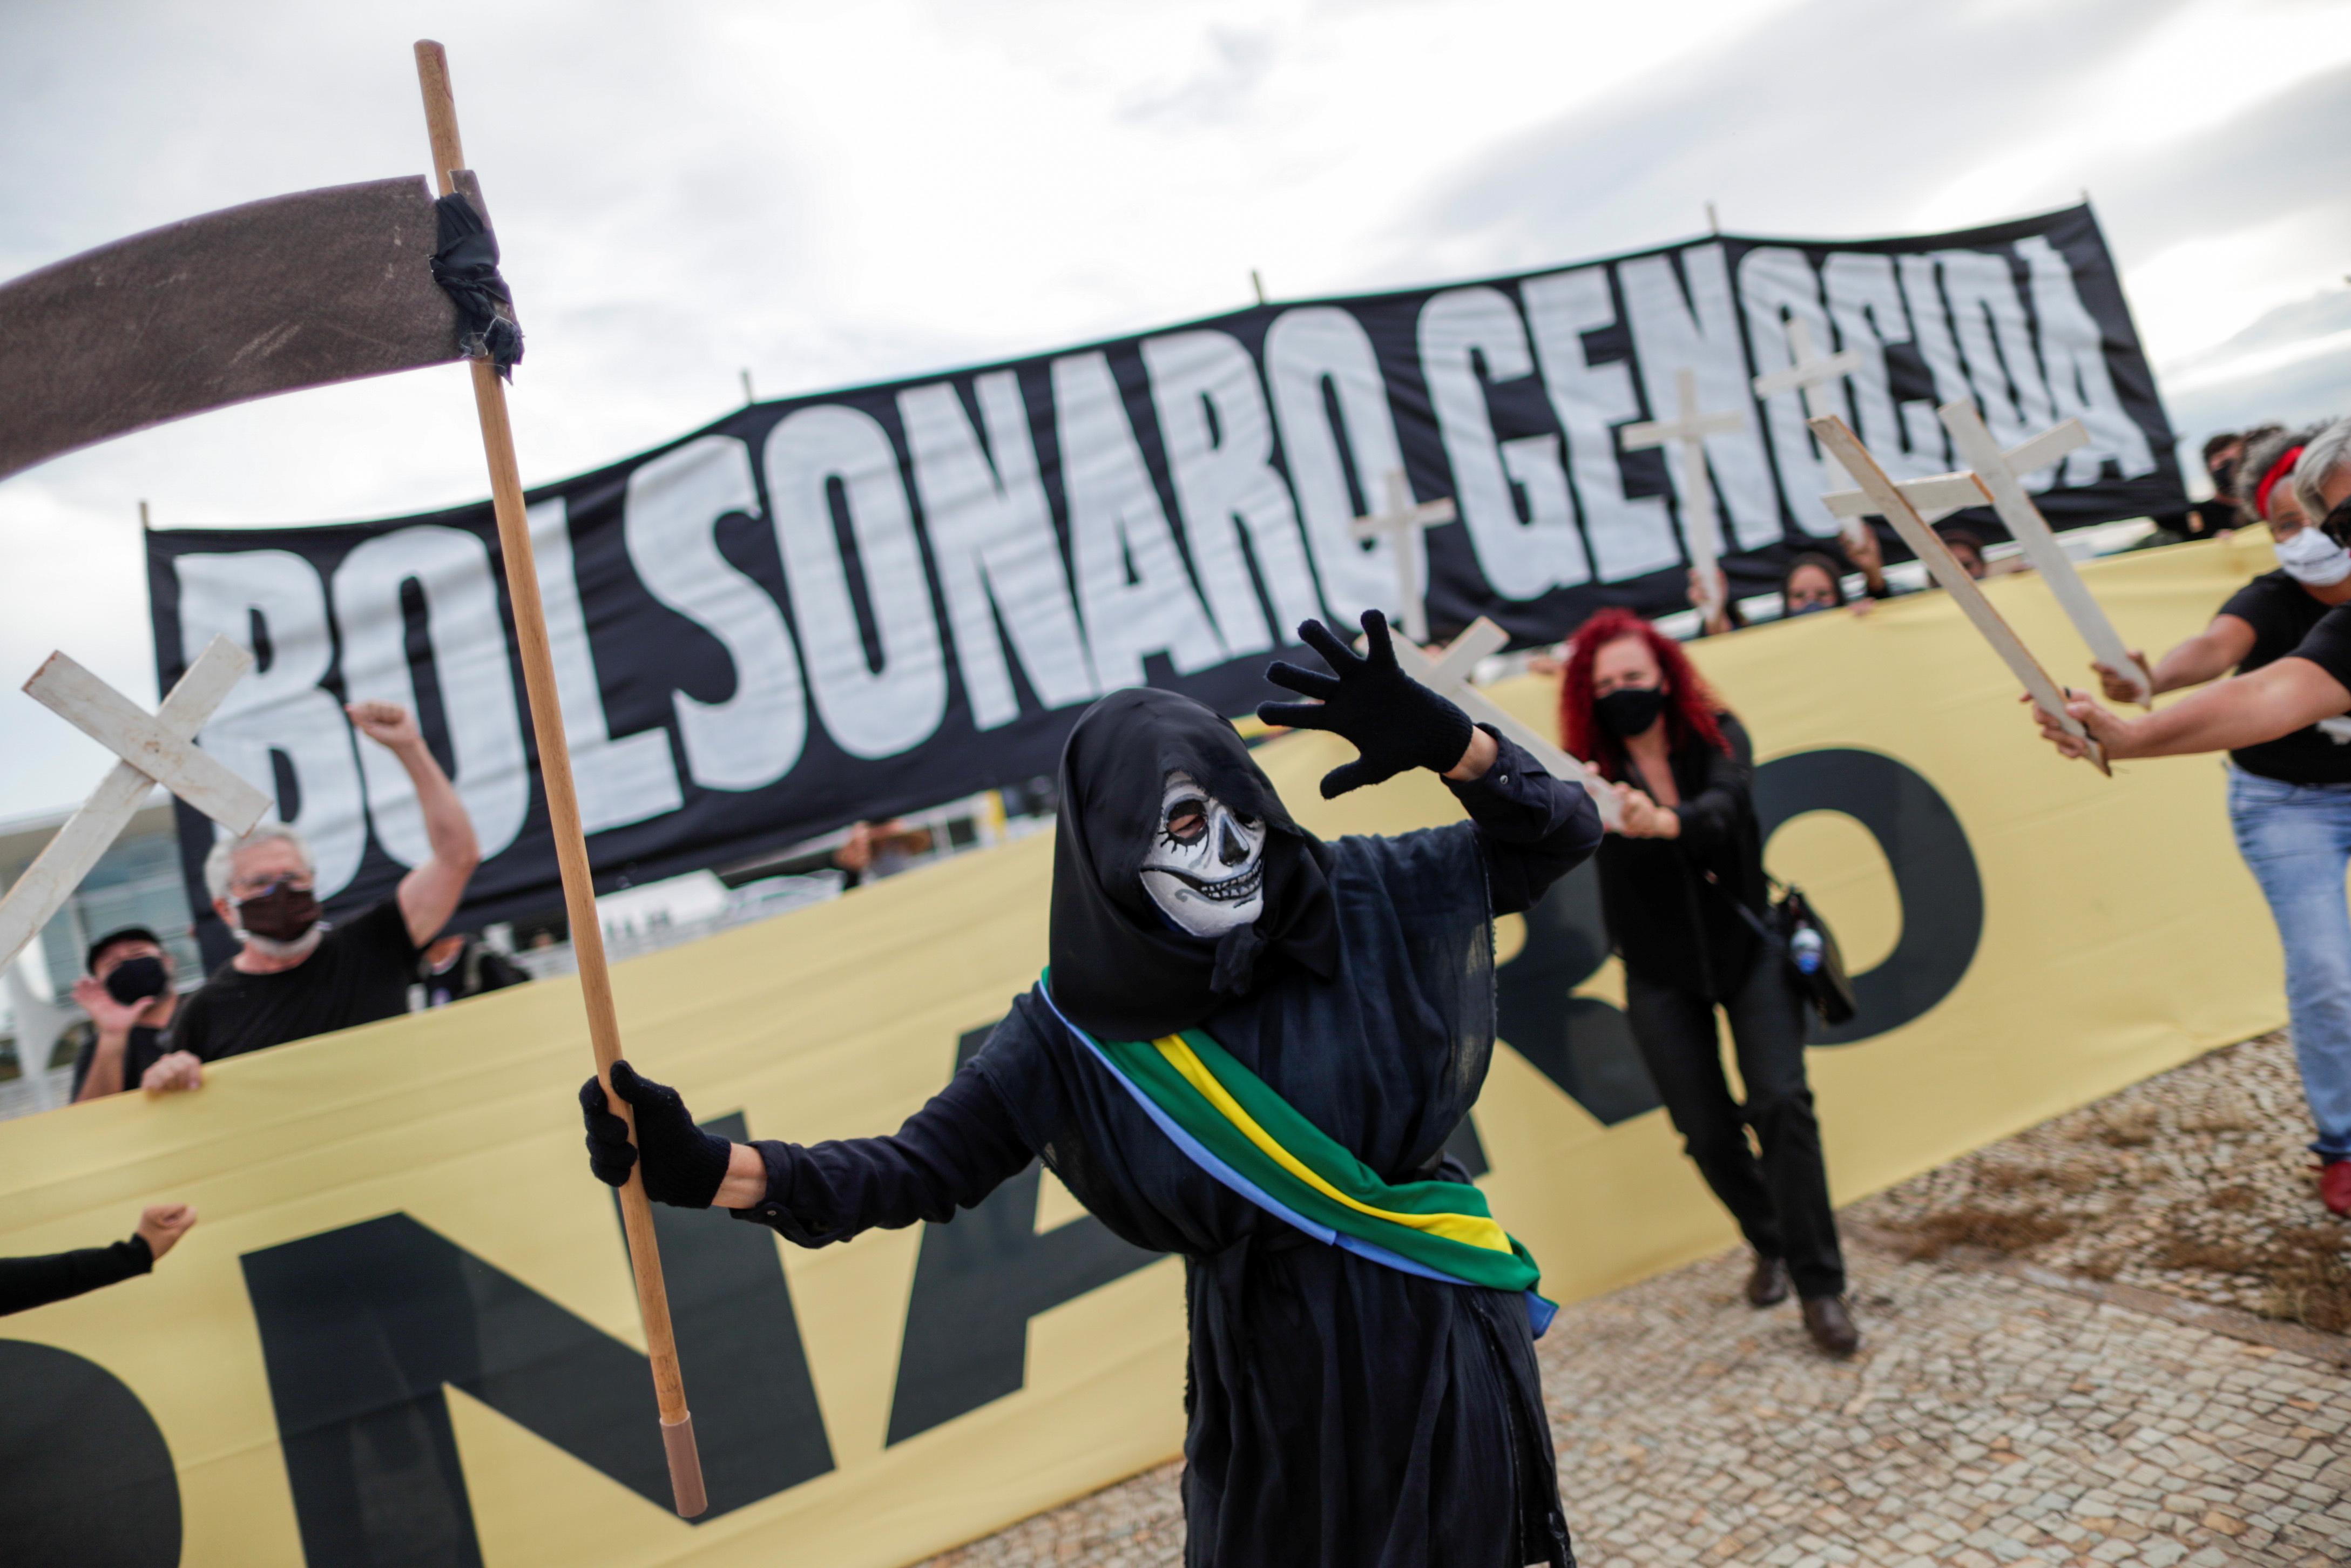 Protesta contra la gestión de Bolsonaro, en Brasilia.